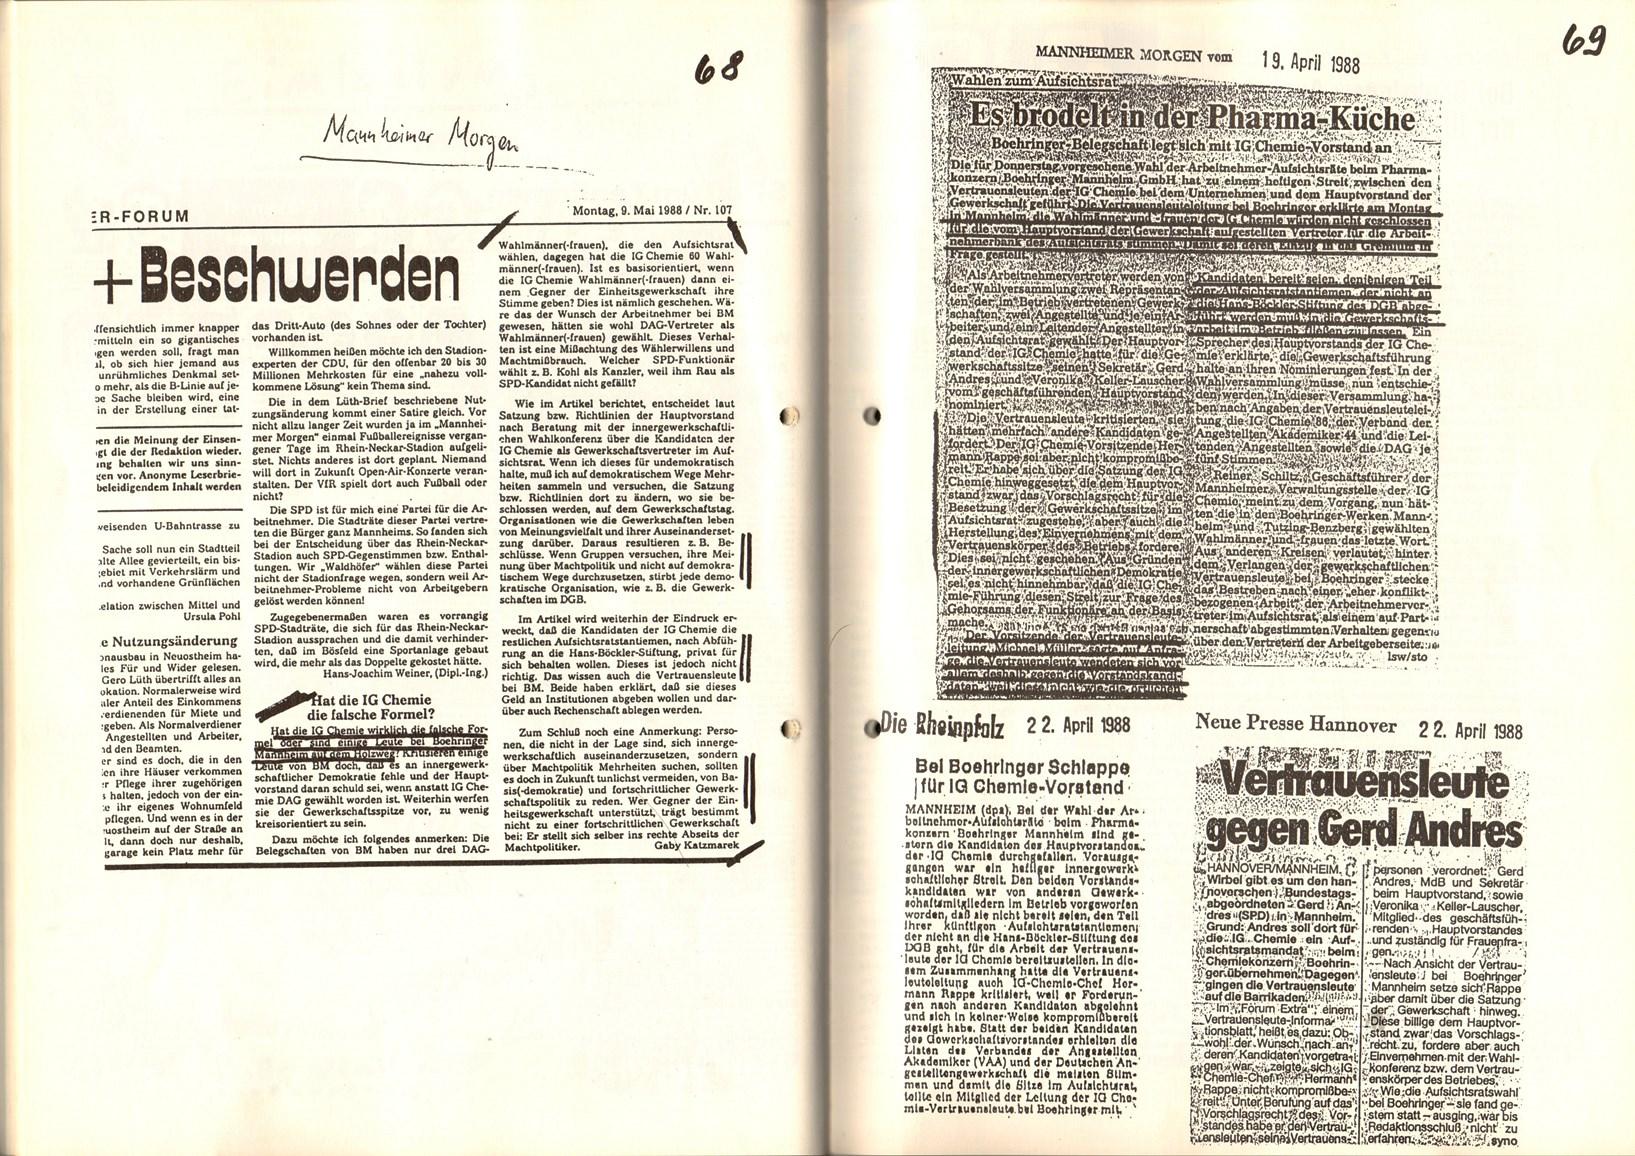 Mannheim_Boehringer_Ausschluss_VKL_Doku1_1988_60